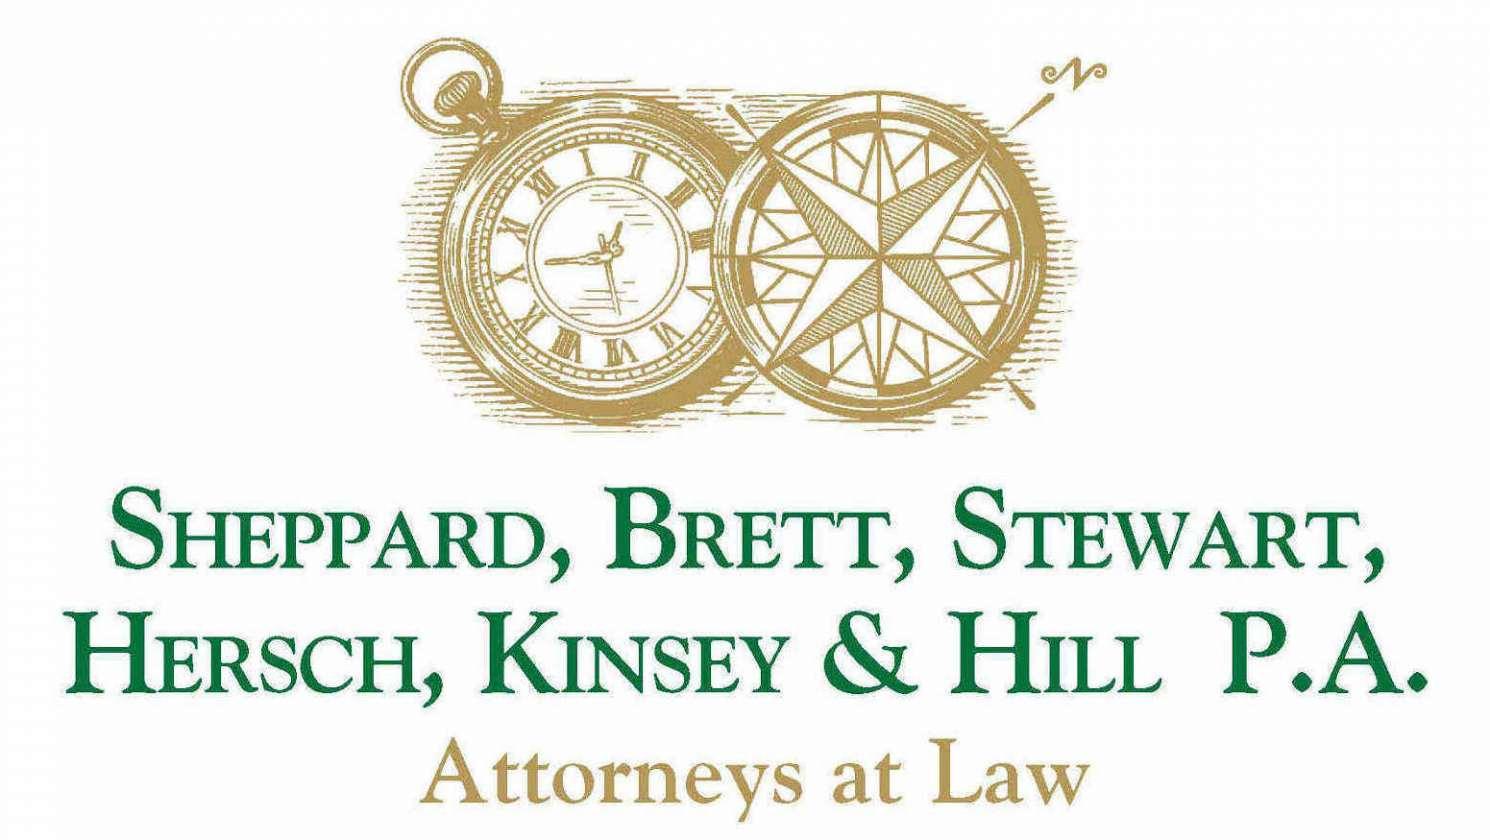 Sheppard, Brett, Stewart, Hersch, Kinsey & Hill Logo